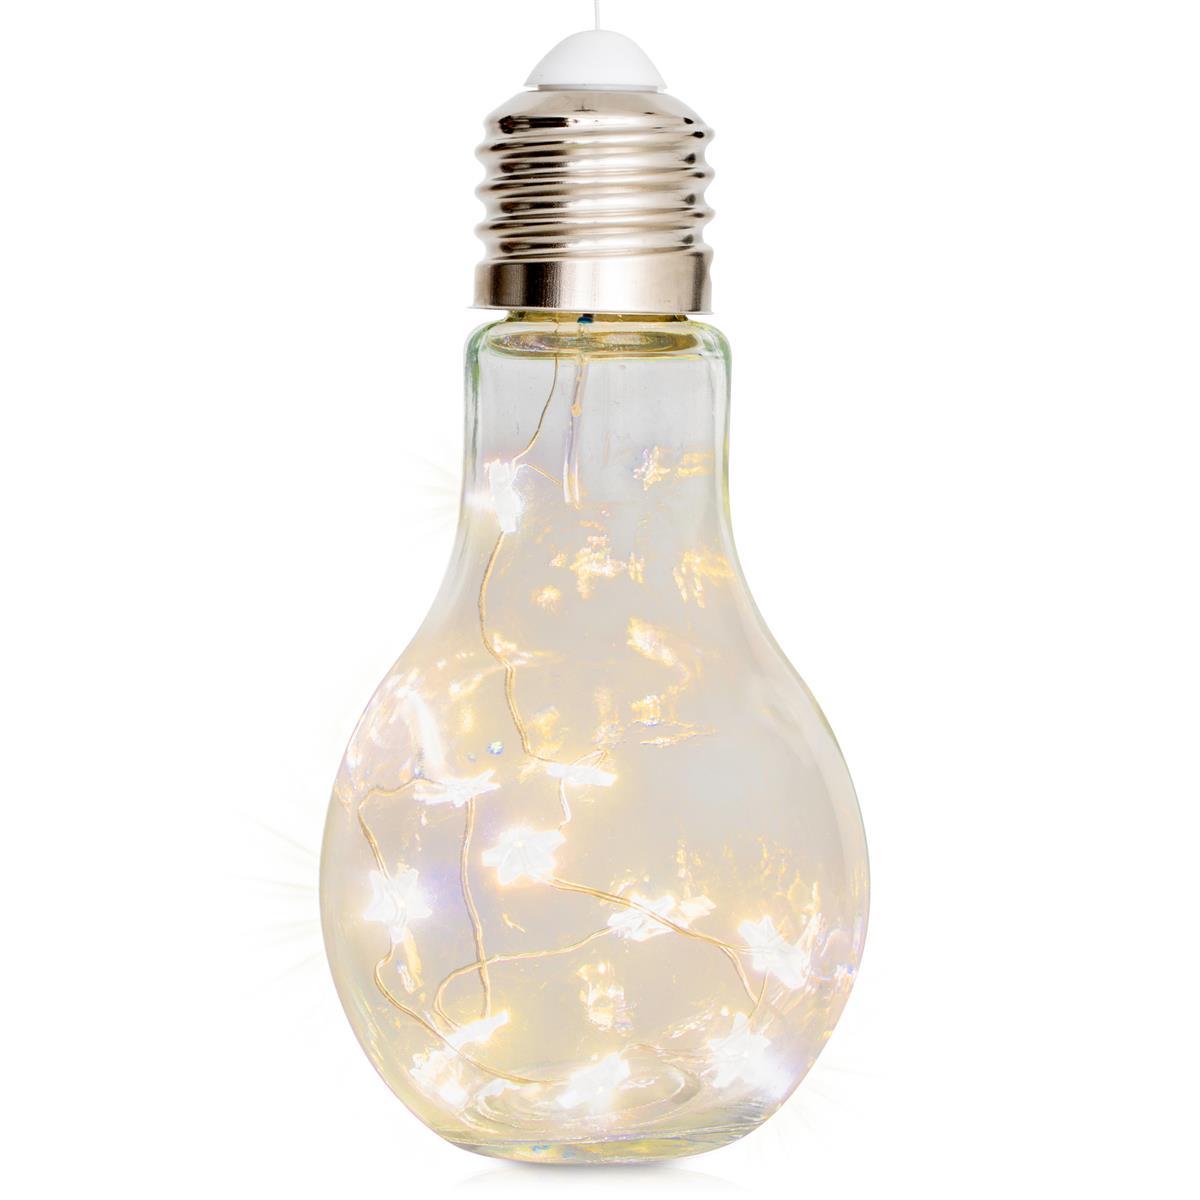 Glas-Glühbirne 10 LED warm weiß 17 cm hoch Batterie Wohndeko Partydeko